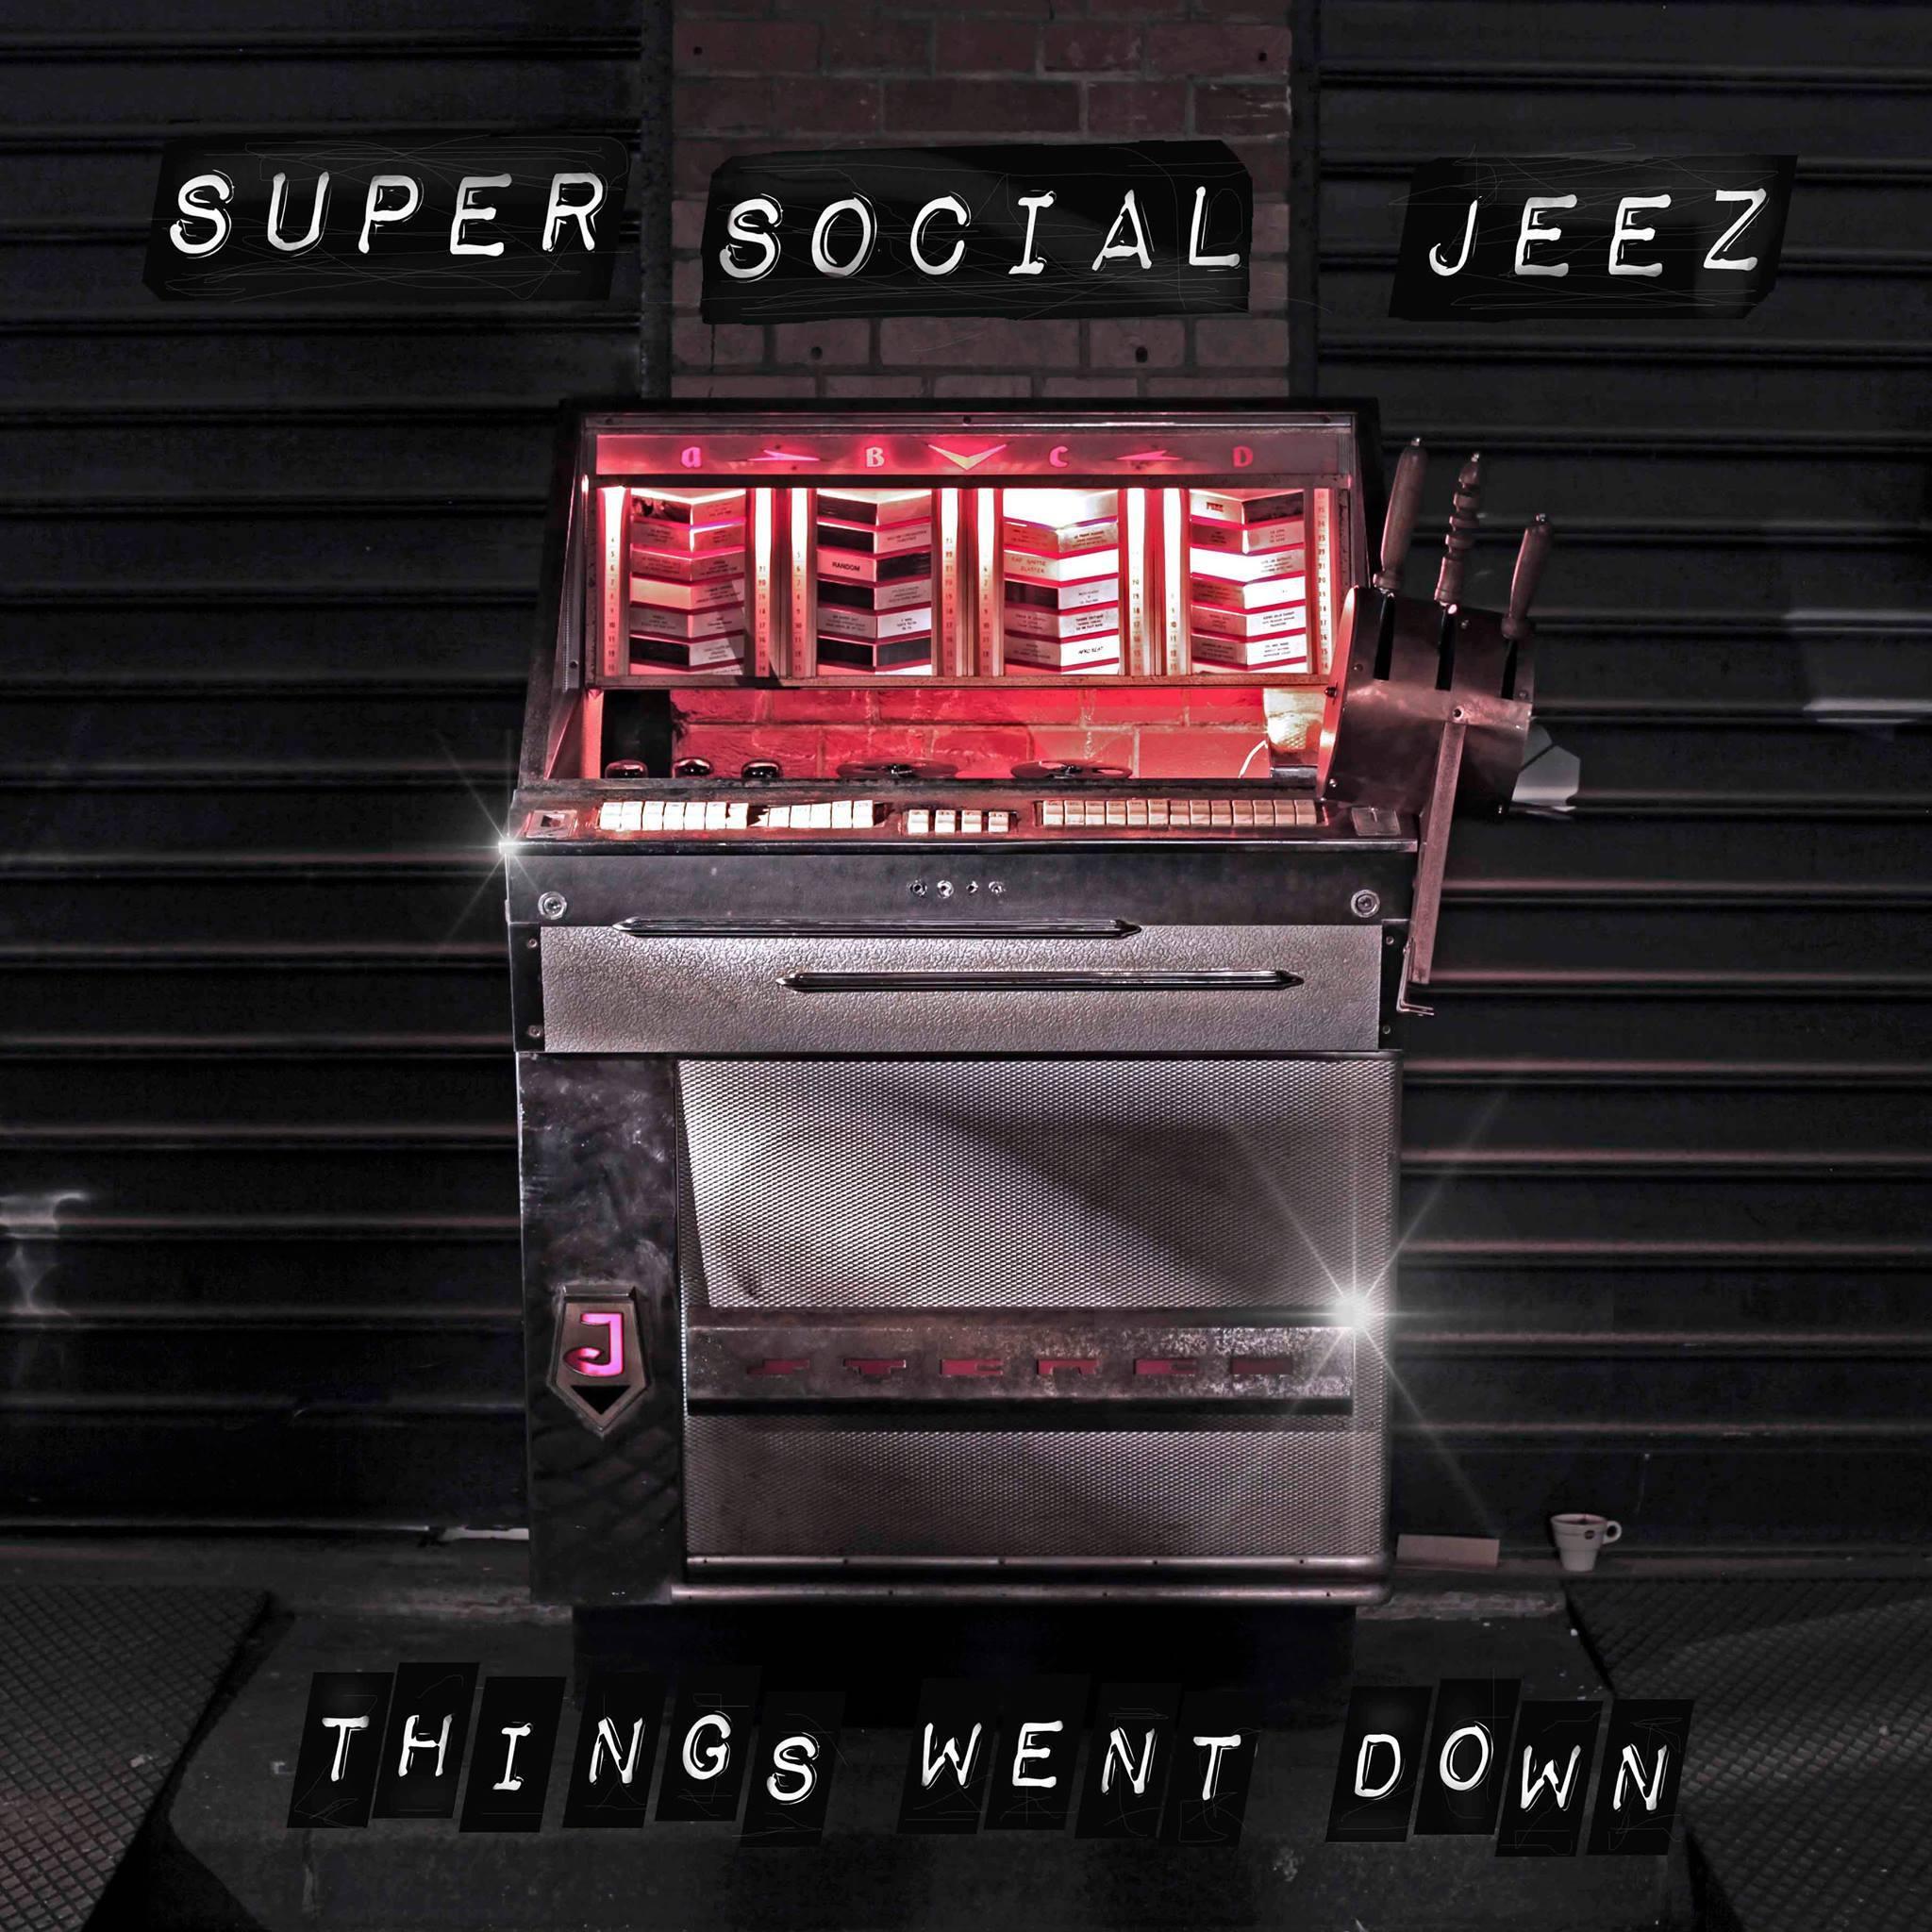 SUPER SOCIAL JEEZ